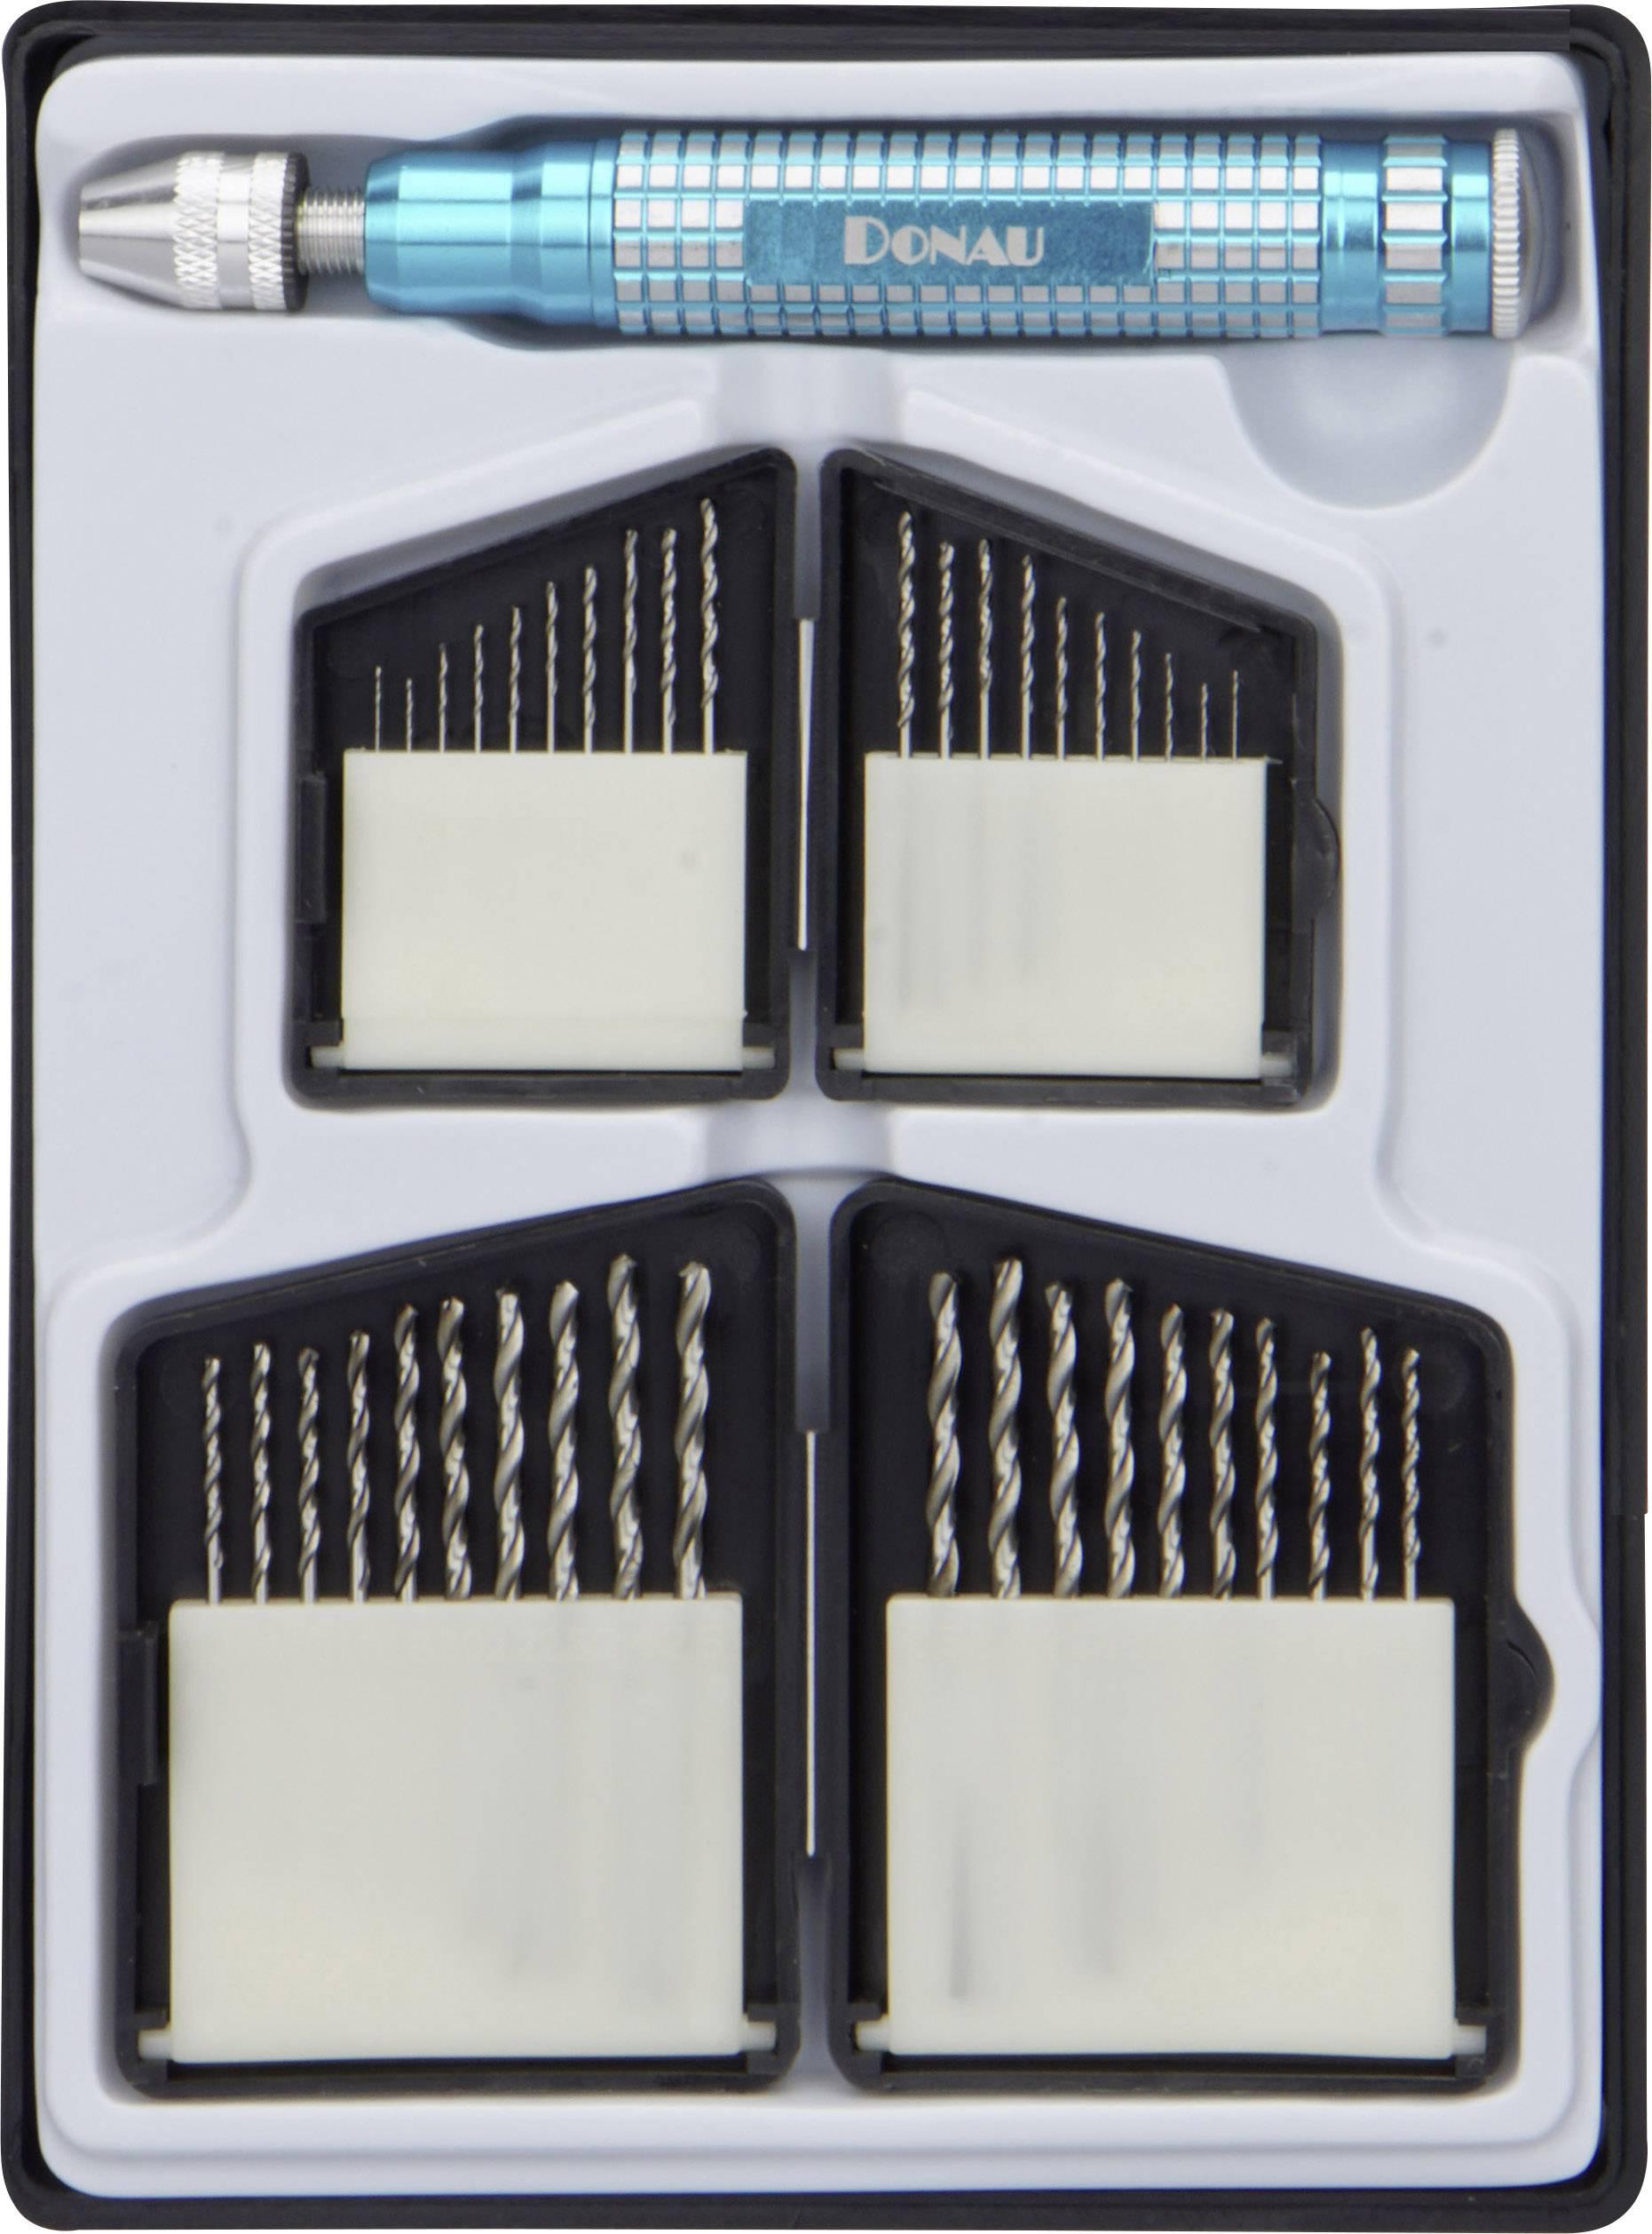 Metallbohrer DIN338 Spiralbohrer HSS Spiralbohrerkassette 25tlg 1-13mm